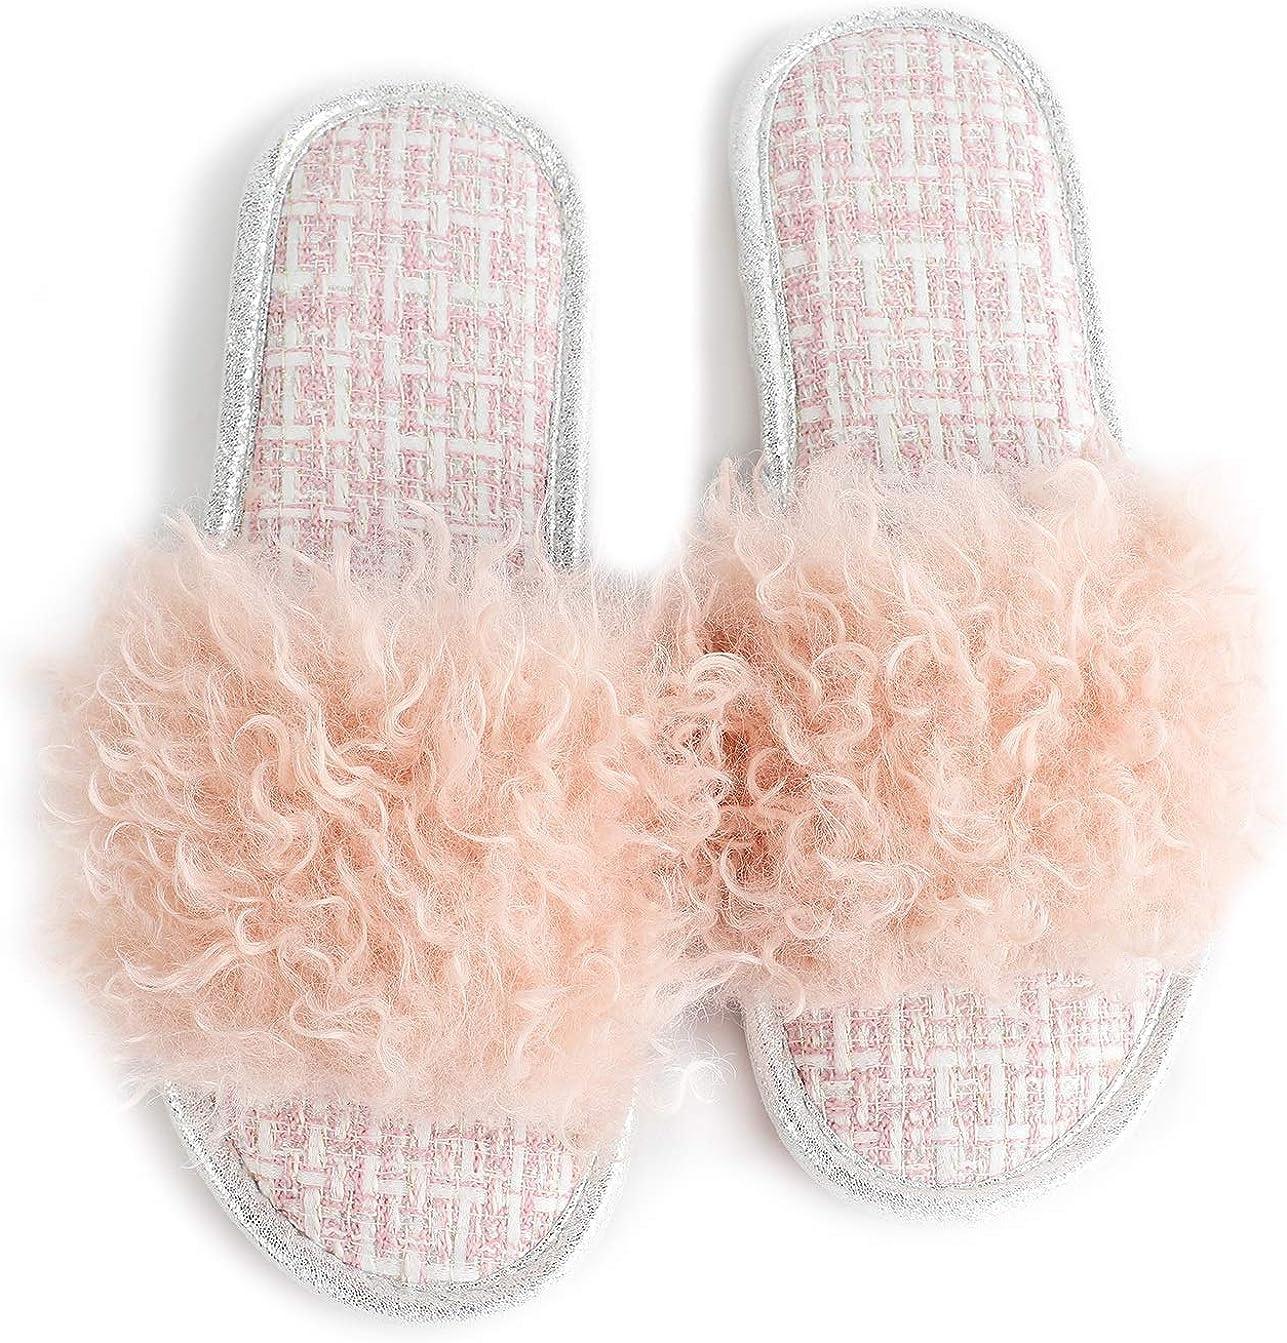 Husmeu Women's Memory Foam Slippers Slipper Slip Max 45% OFF Fuzzy Non supreme